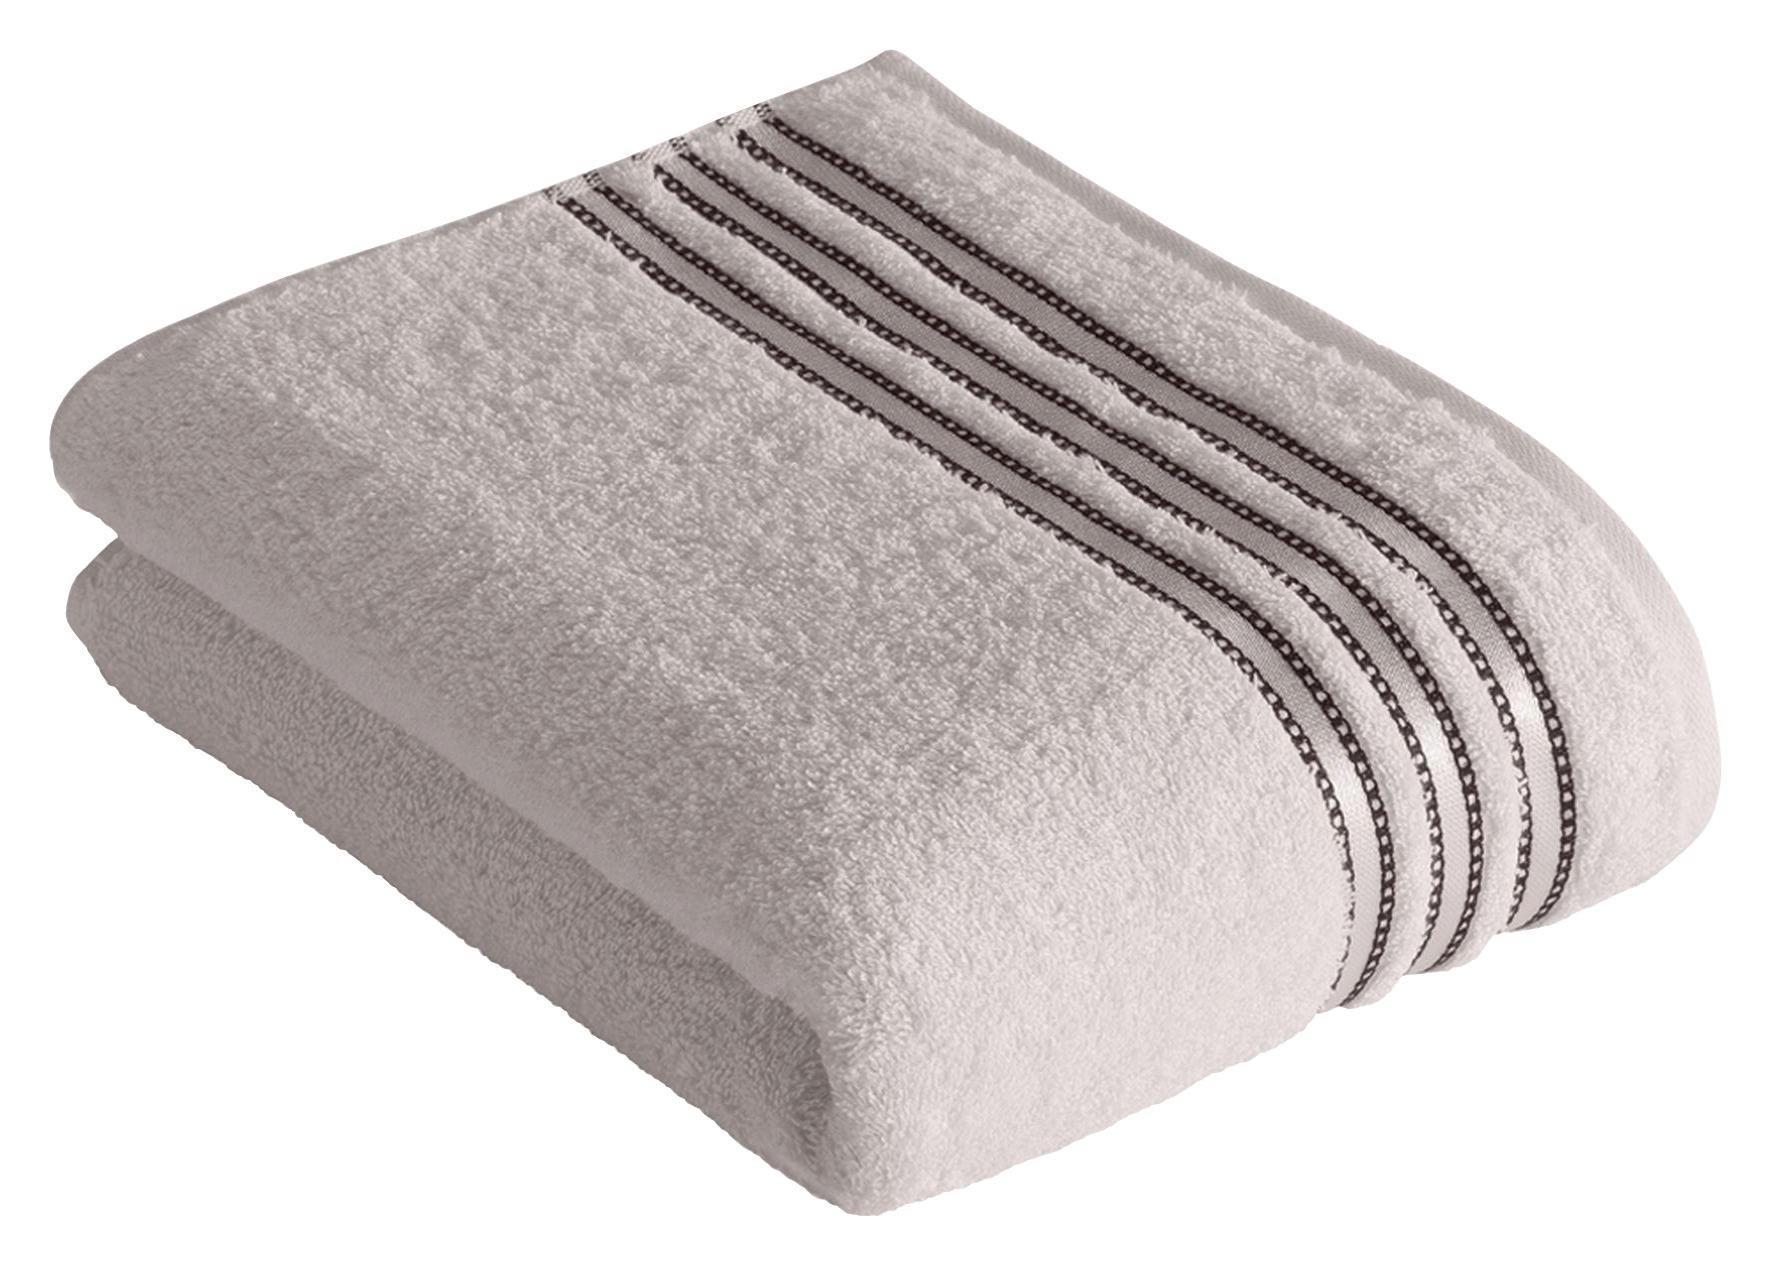 DUSCHTUCH 67/140 cm - Hellgrau, Basics, Textil (67/140cm) - VOSSEN